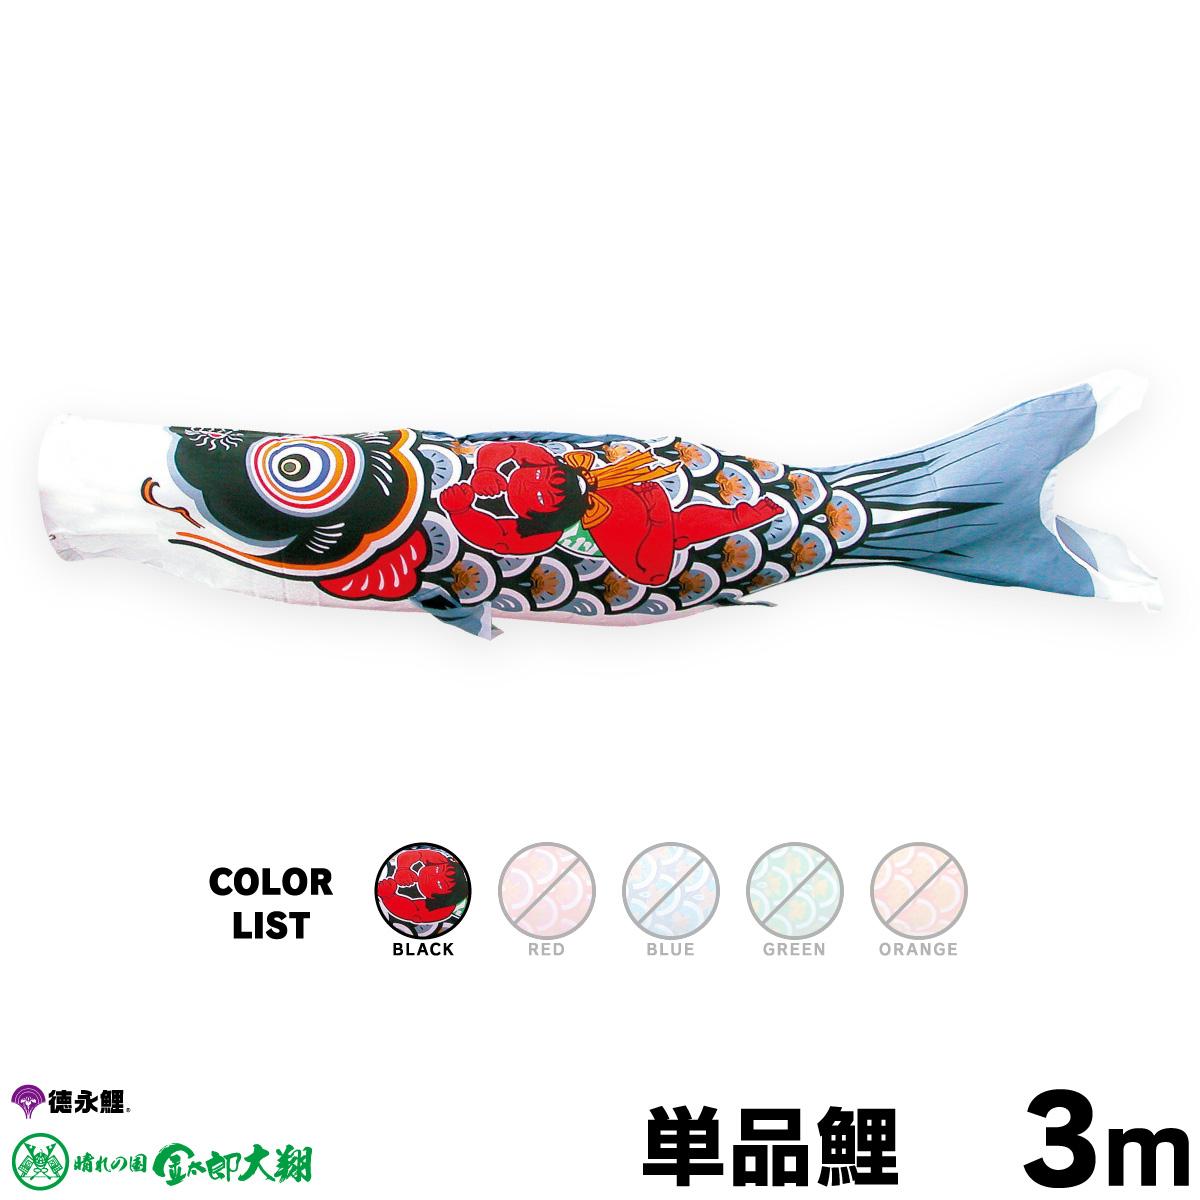 【こいのぼり 単品】 金太郎太翔 3m 単品鯉 黒